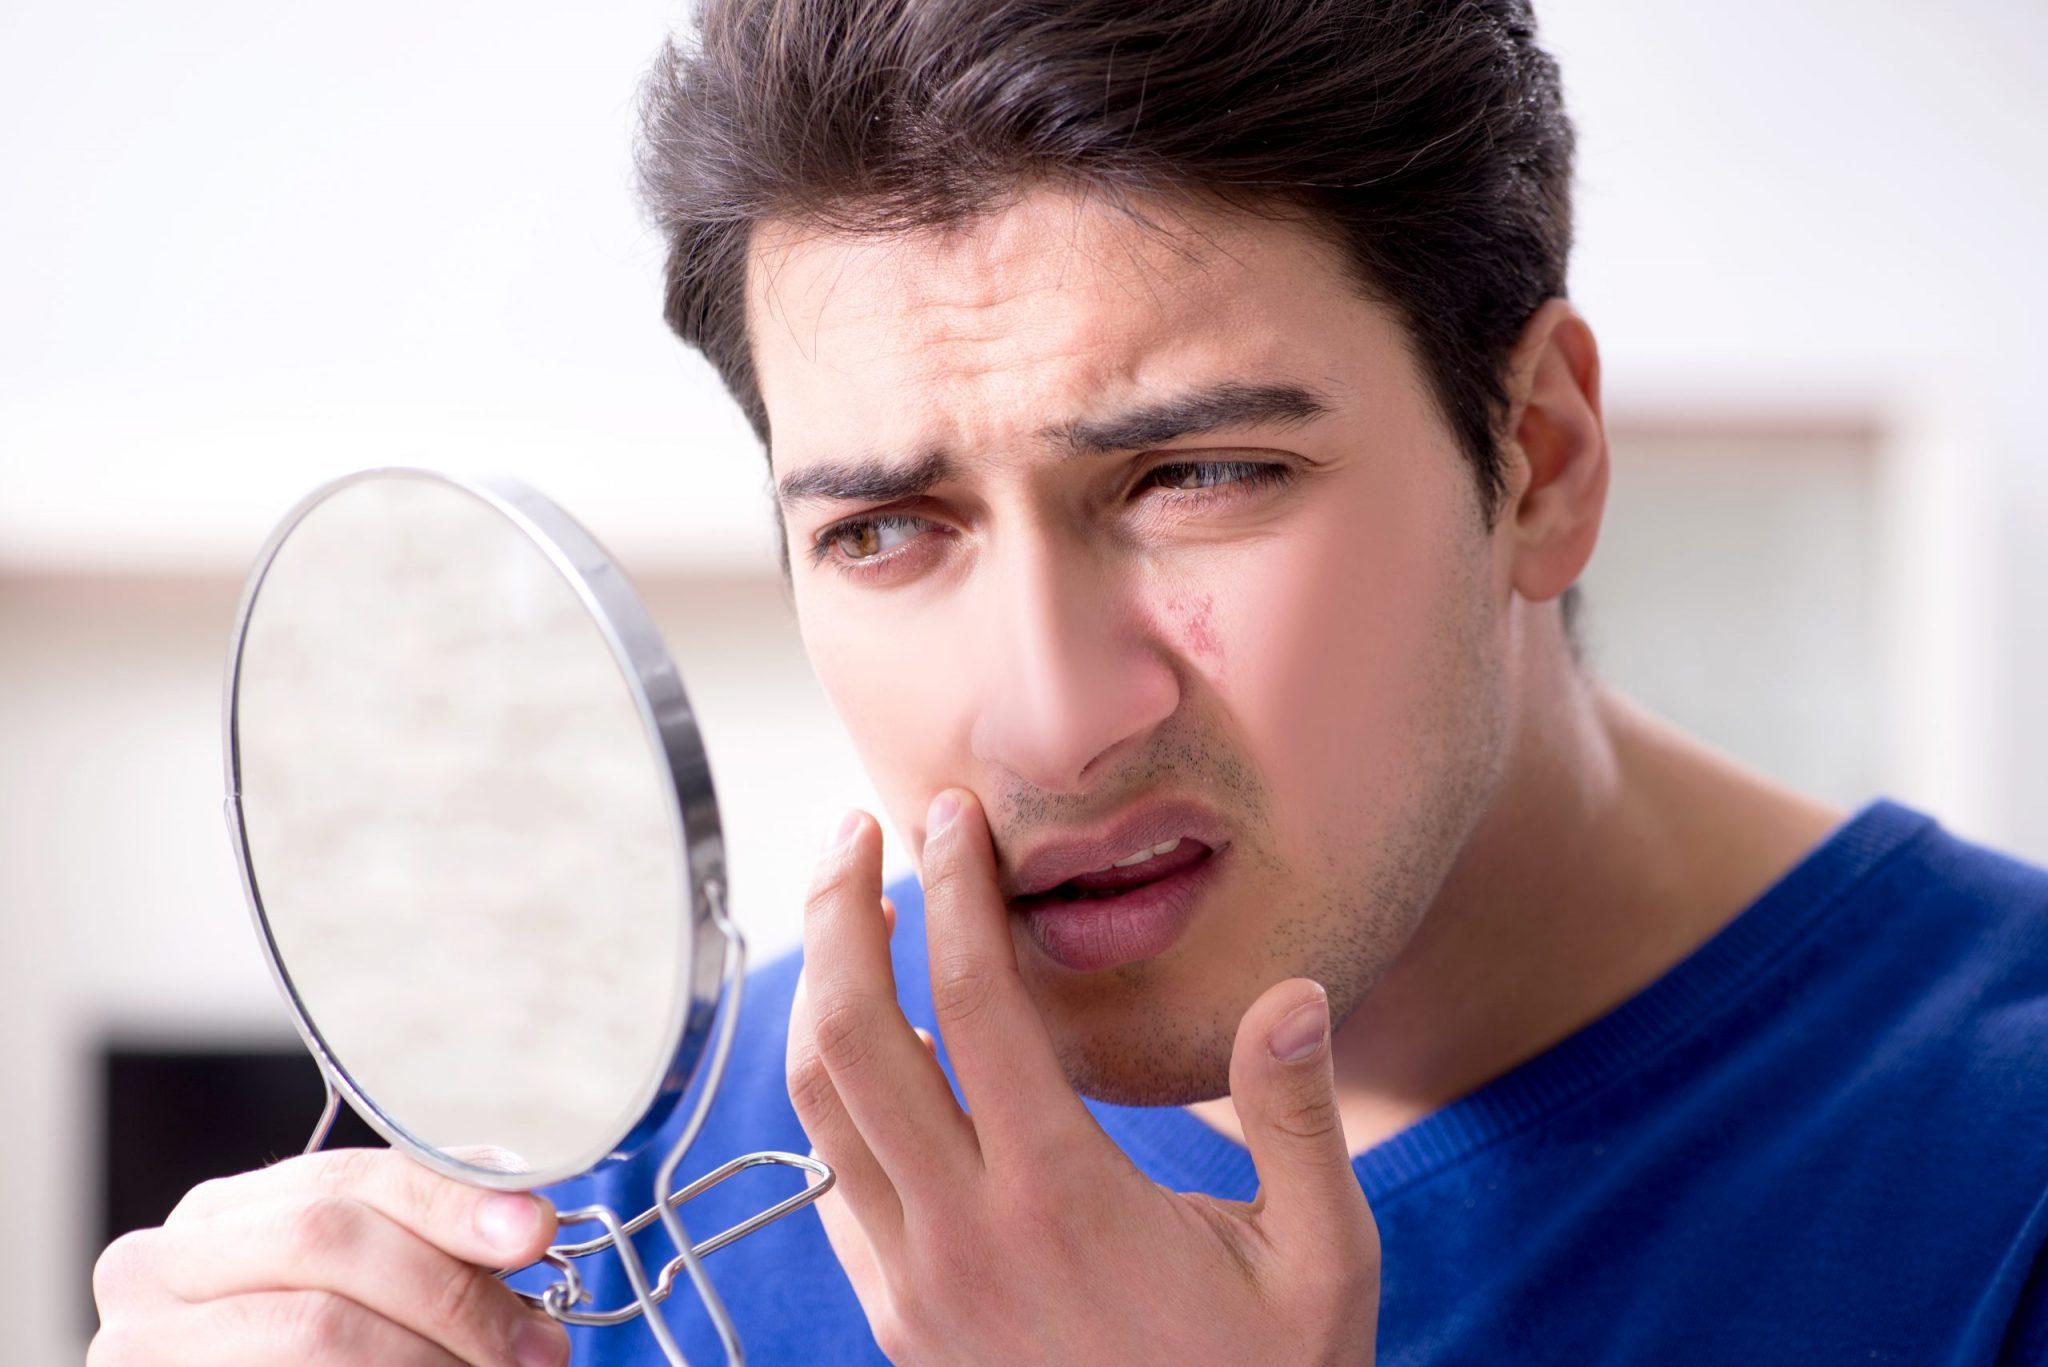 又腫又痛又難消退的石頭瘡應如何處理-分析急救方法+石頭瘡療程